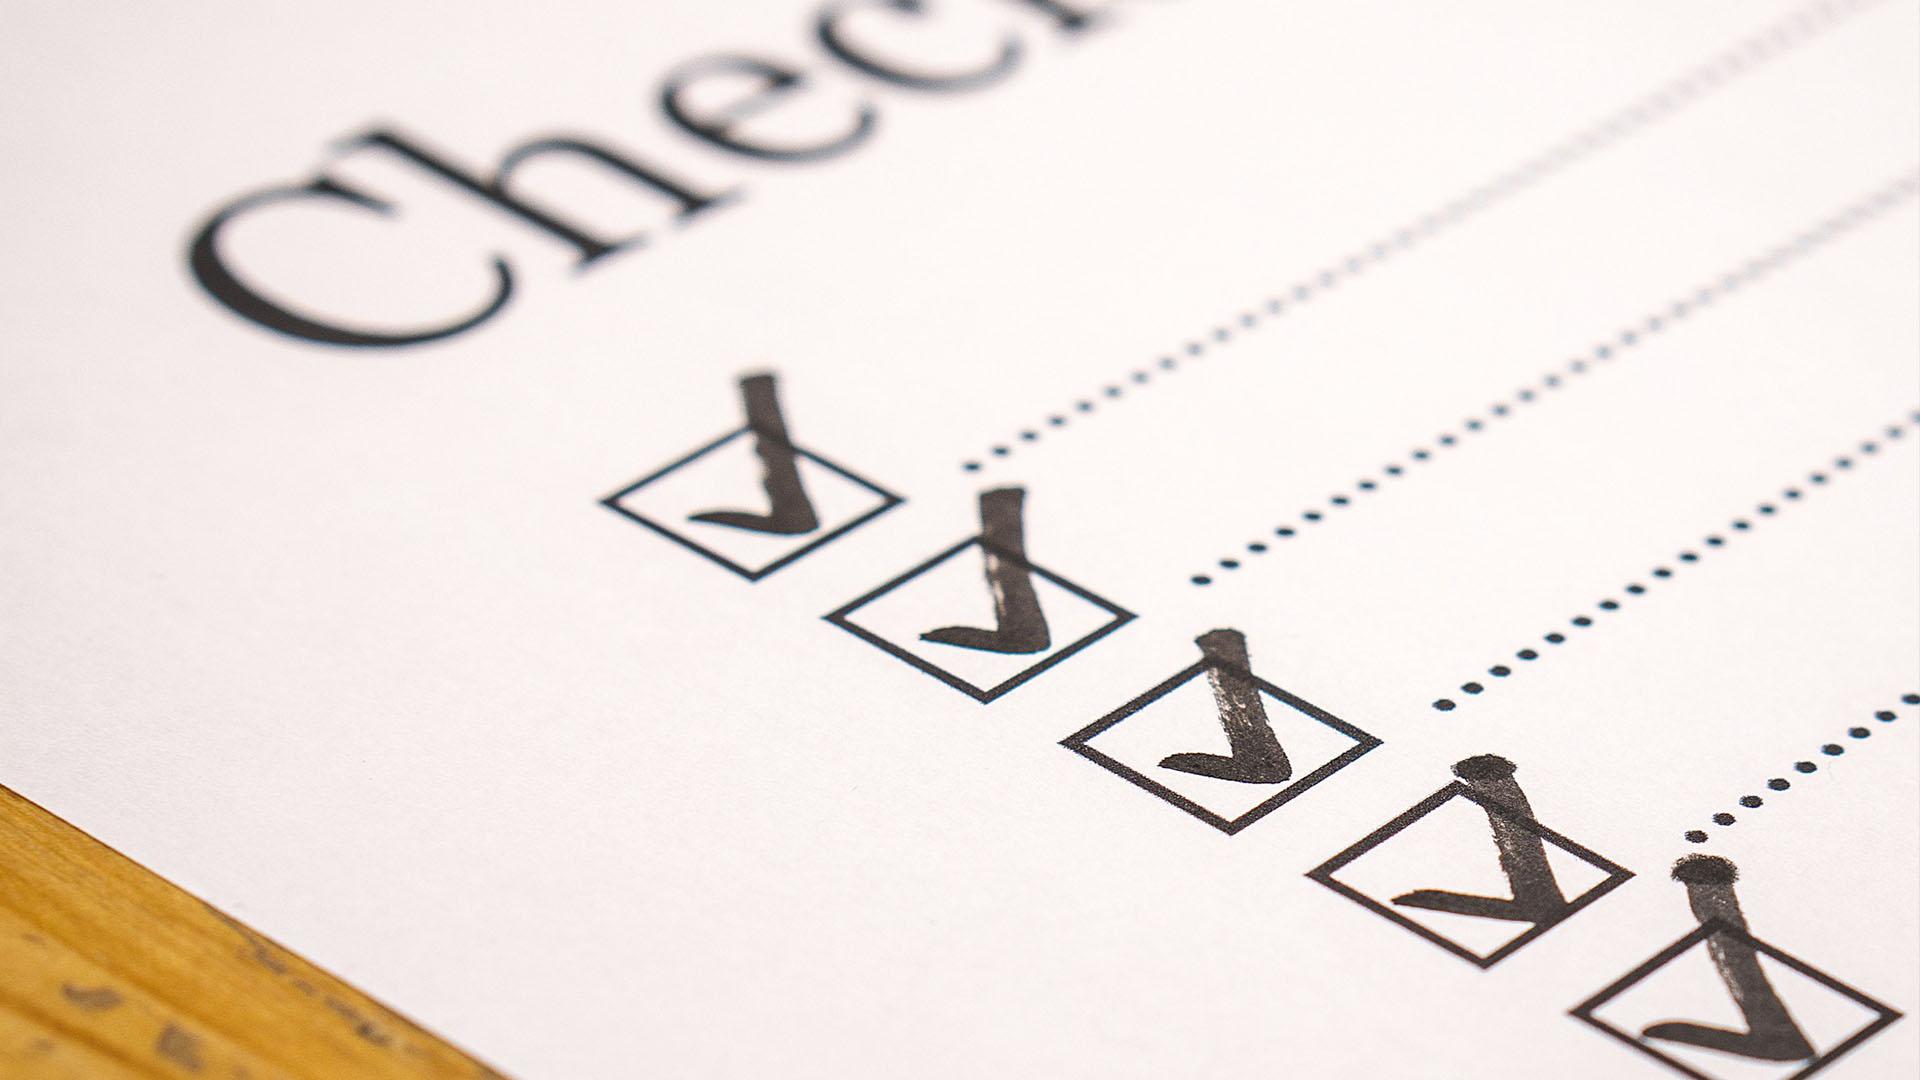 O preenchimento incorreto do formulário DS-160 pode gerar problemas no momento da entrevista.